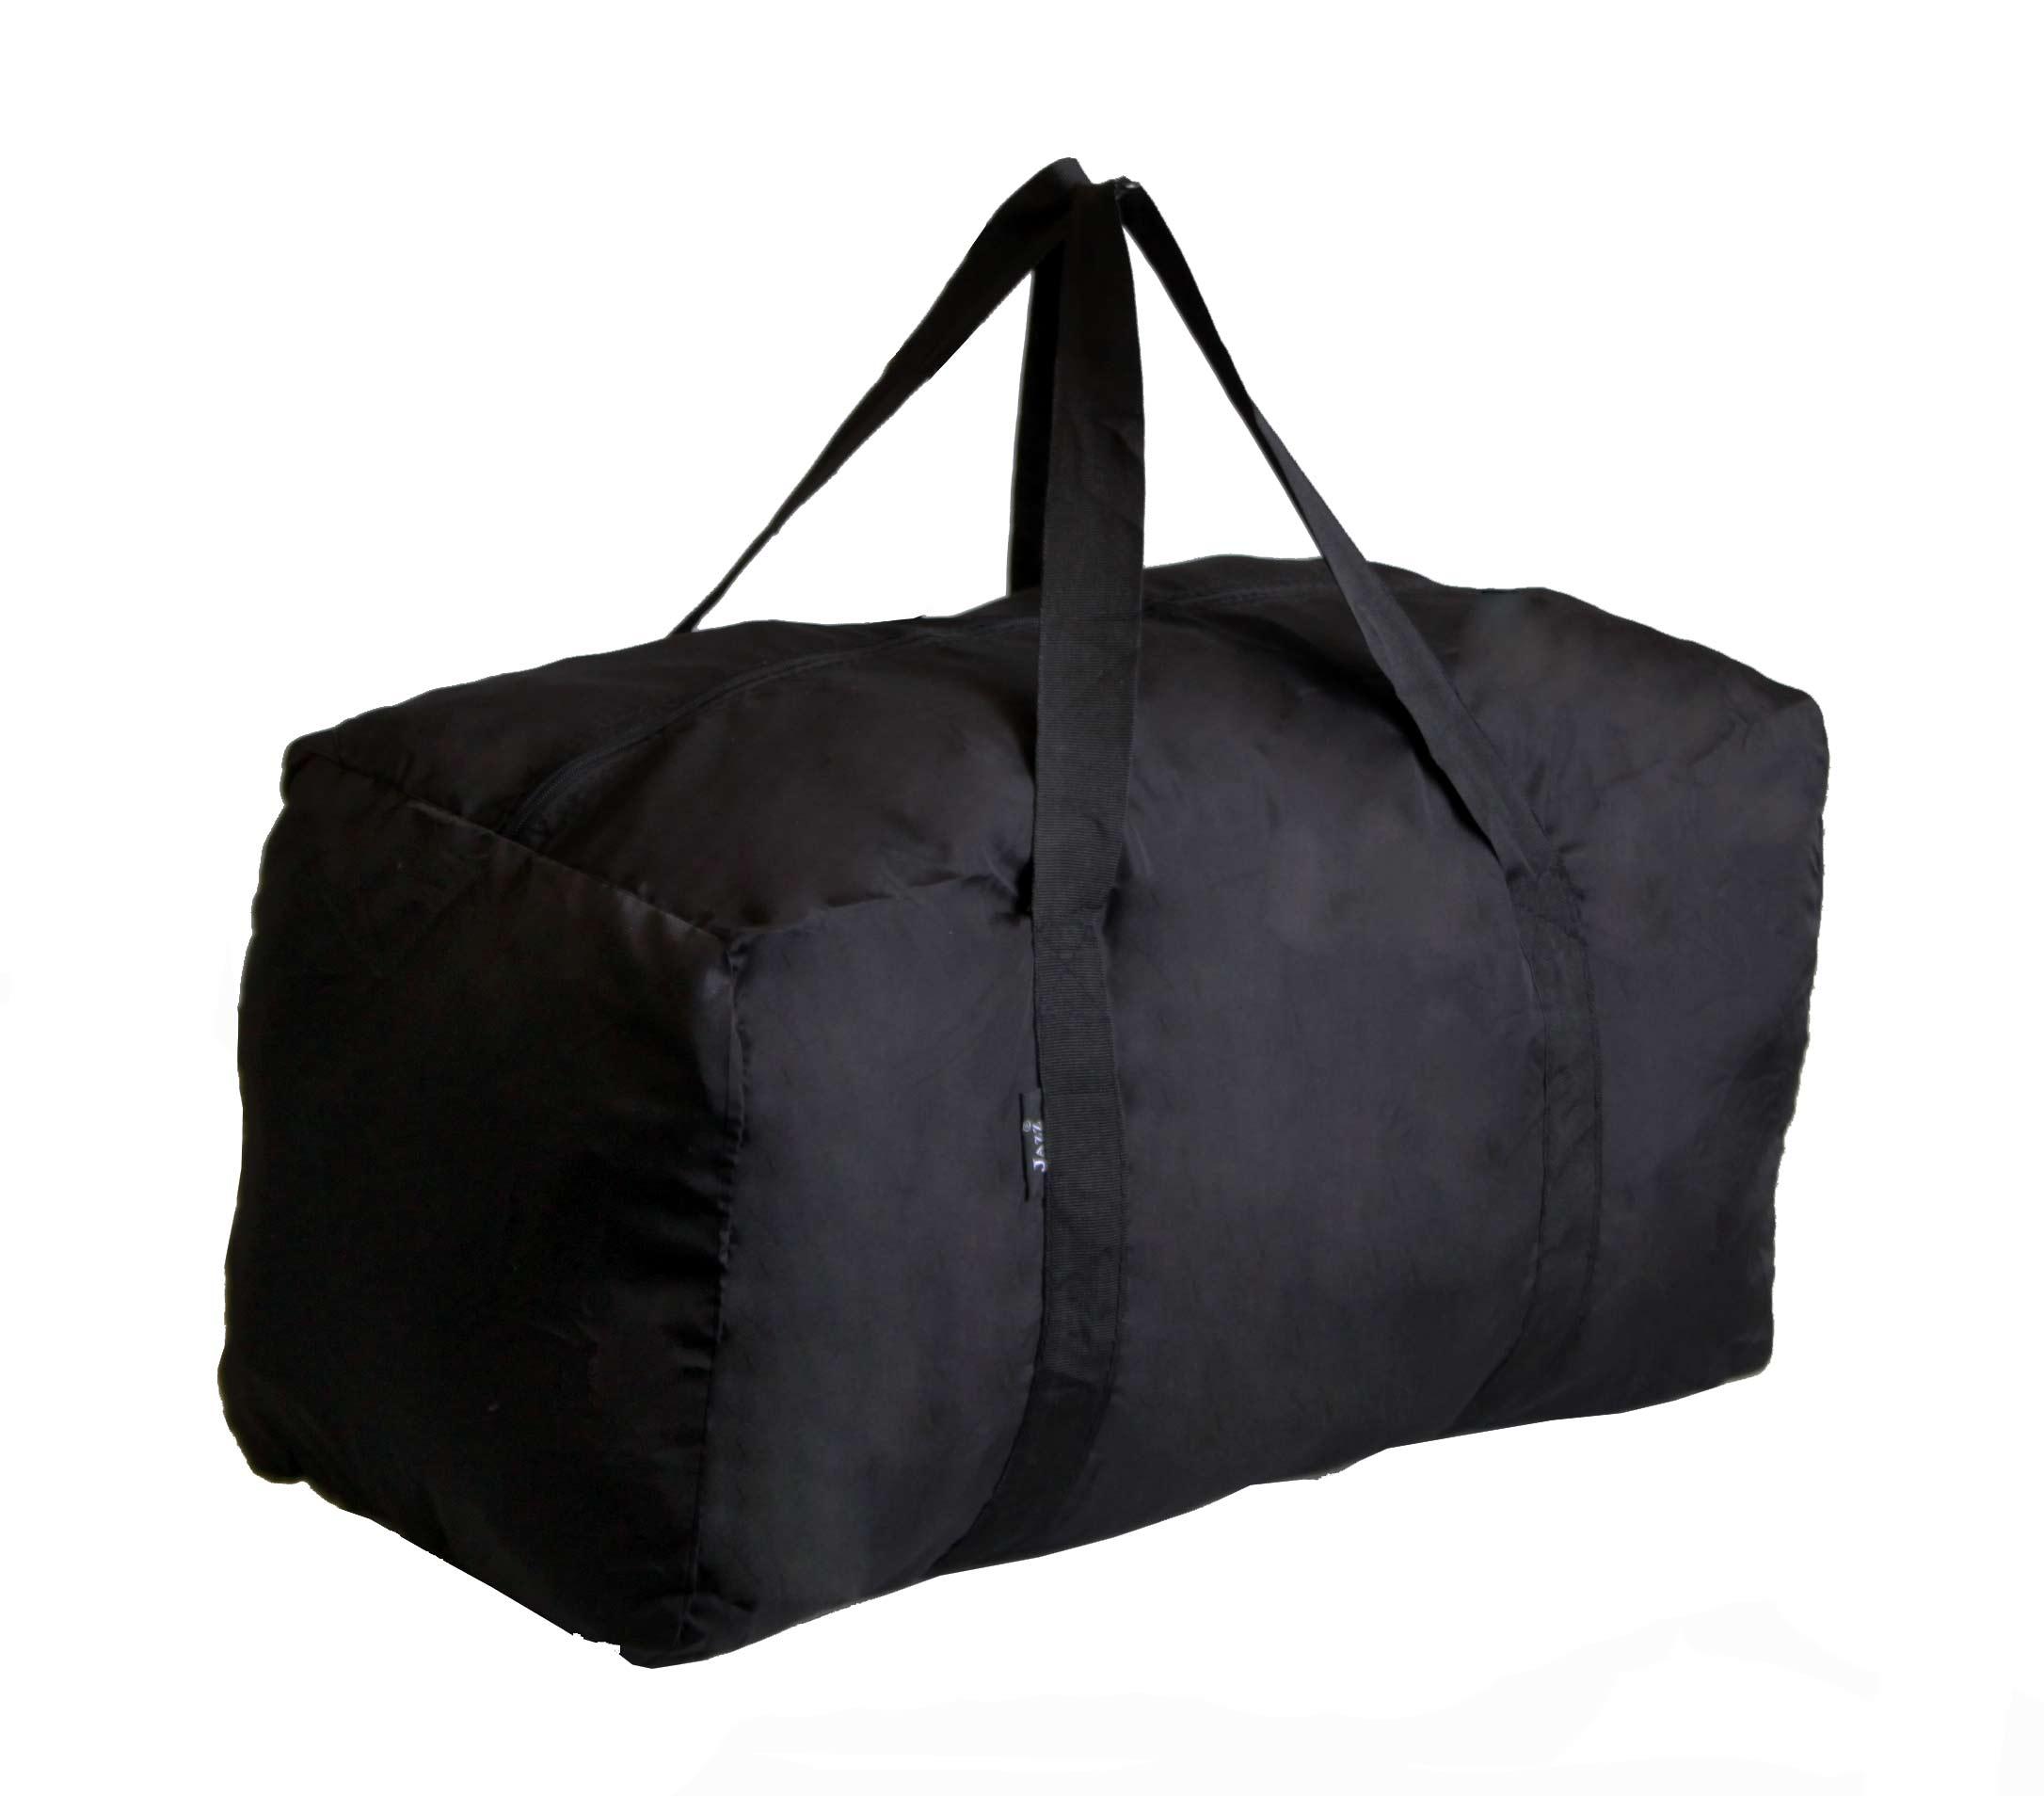 cabin approved super lightweight foldaway flight luggage. Black Bedroom Furniture Sets. Home Design Ideas